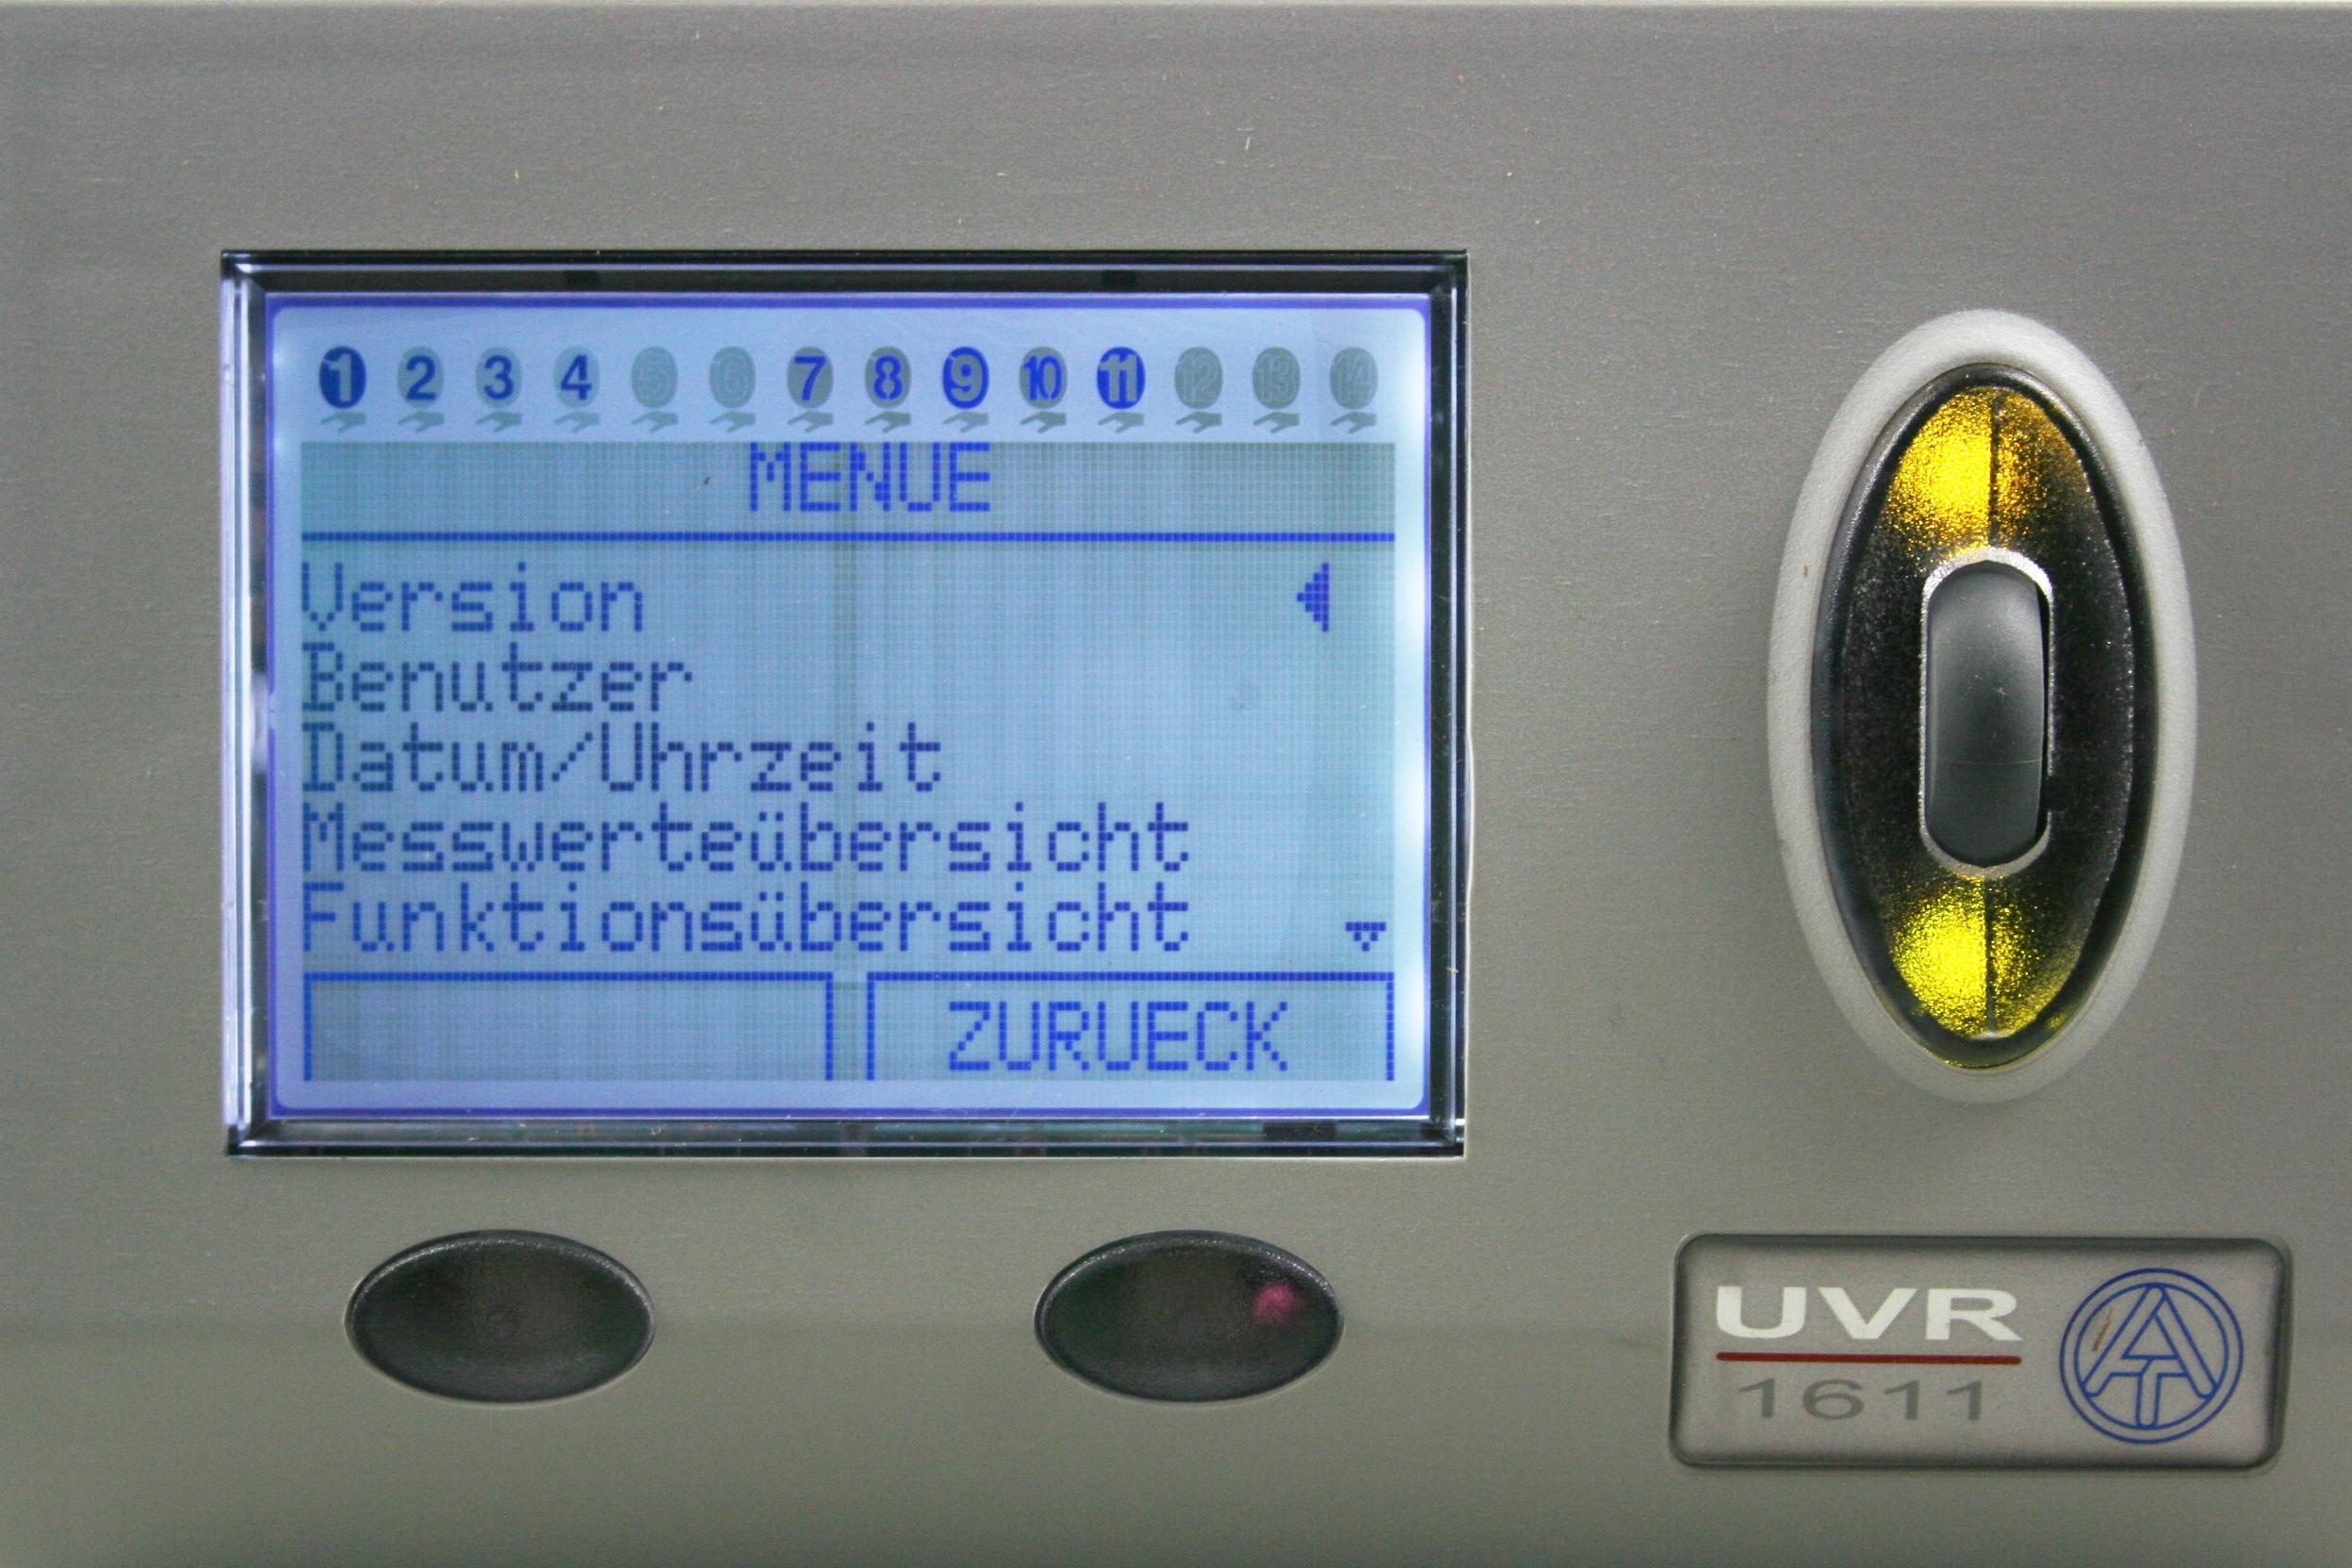 Über nur drei Tasten lassen sich alle Funktionen steuern und Werte anzeigen.